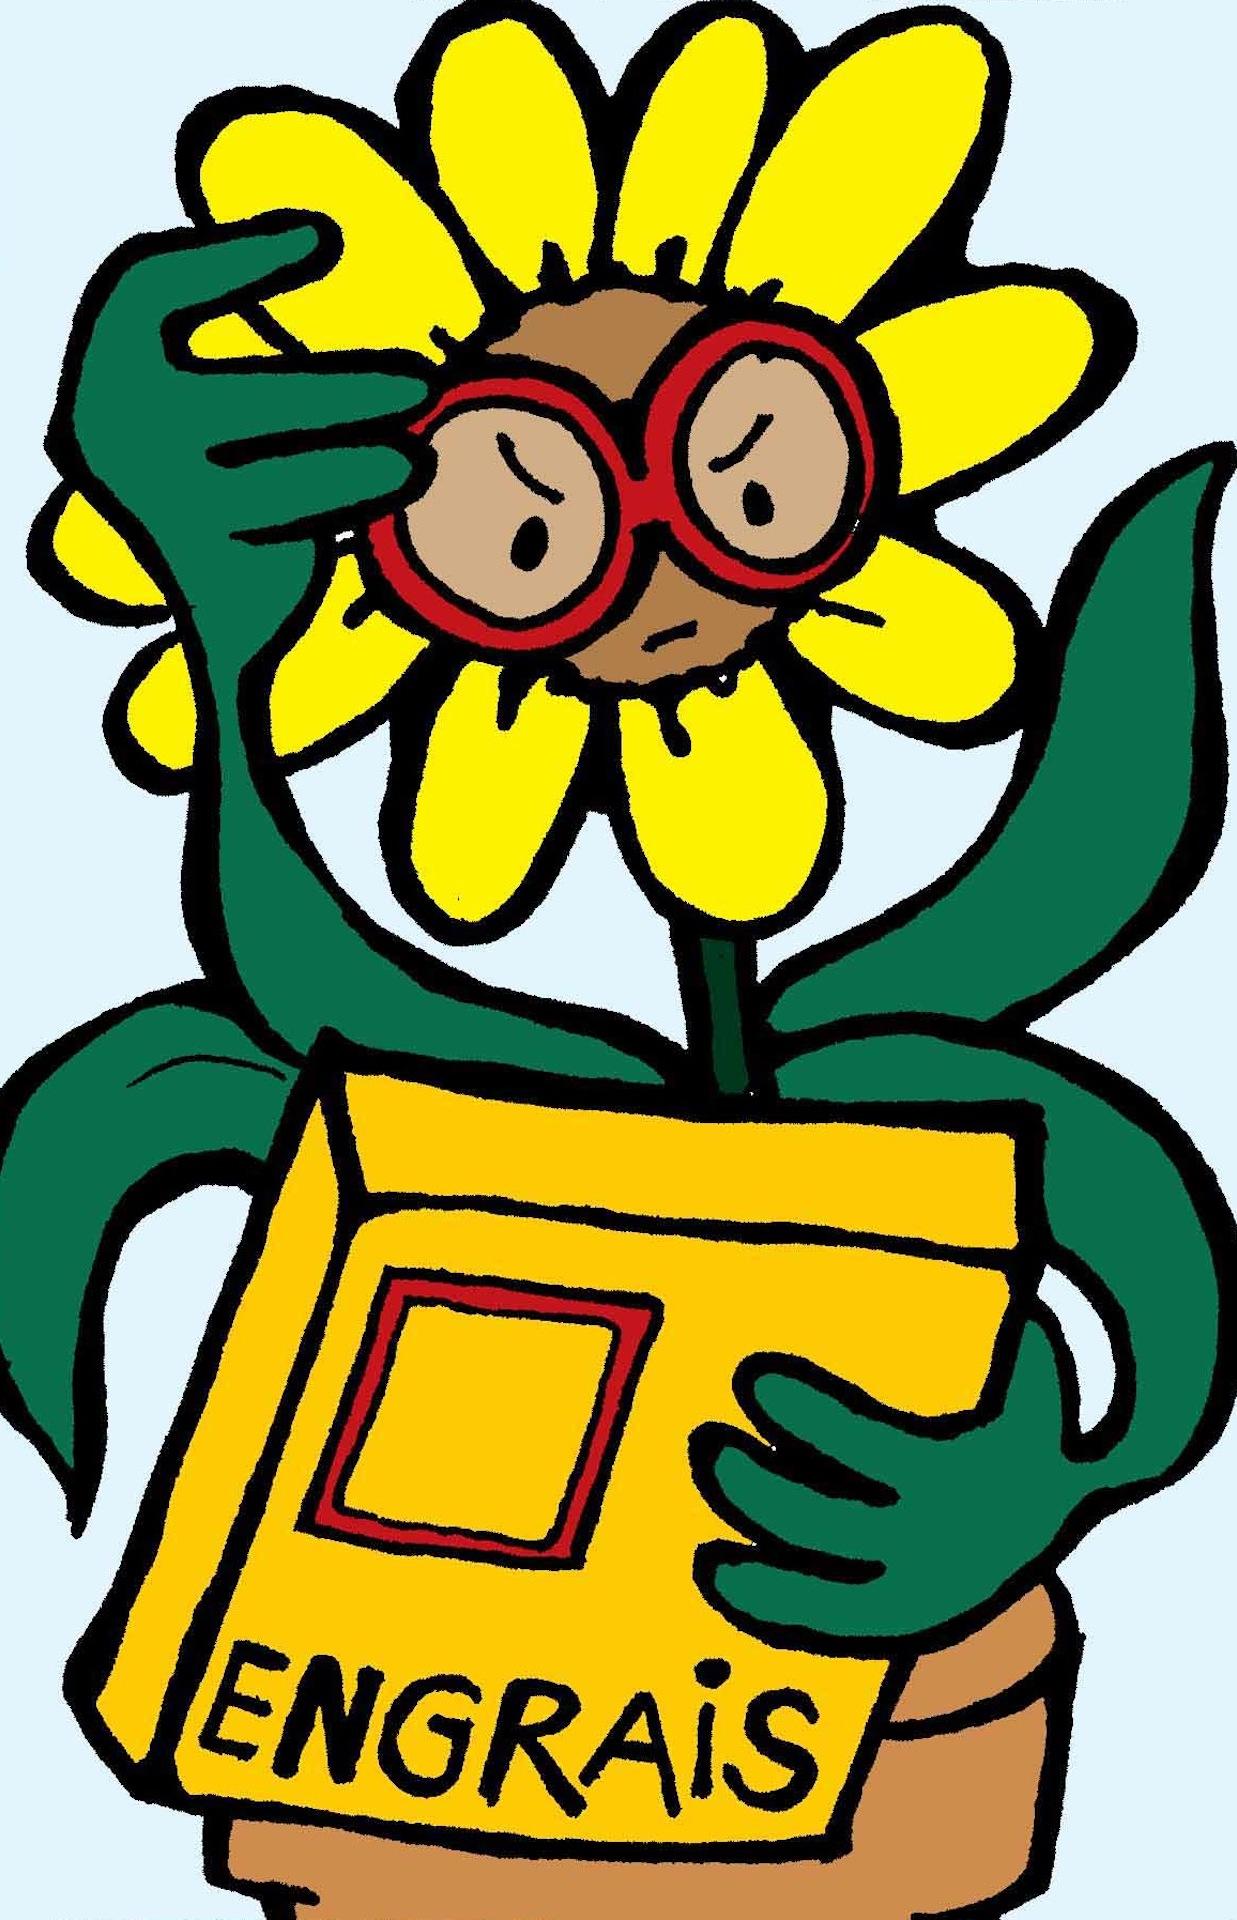 Fleur qui tient une boîte d'engrais dans sa feuillet et essaie de lire l'étiquette.